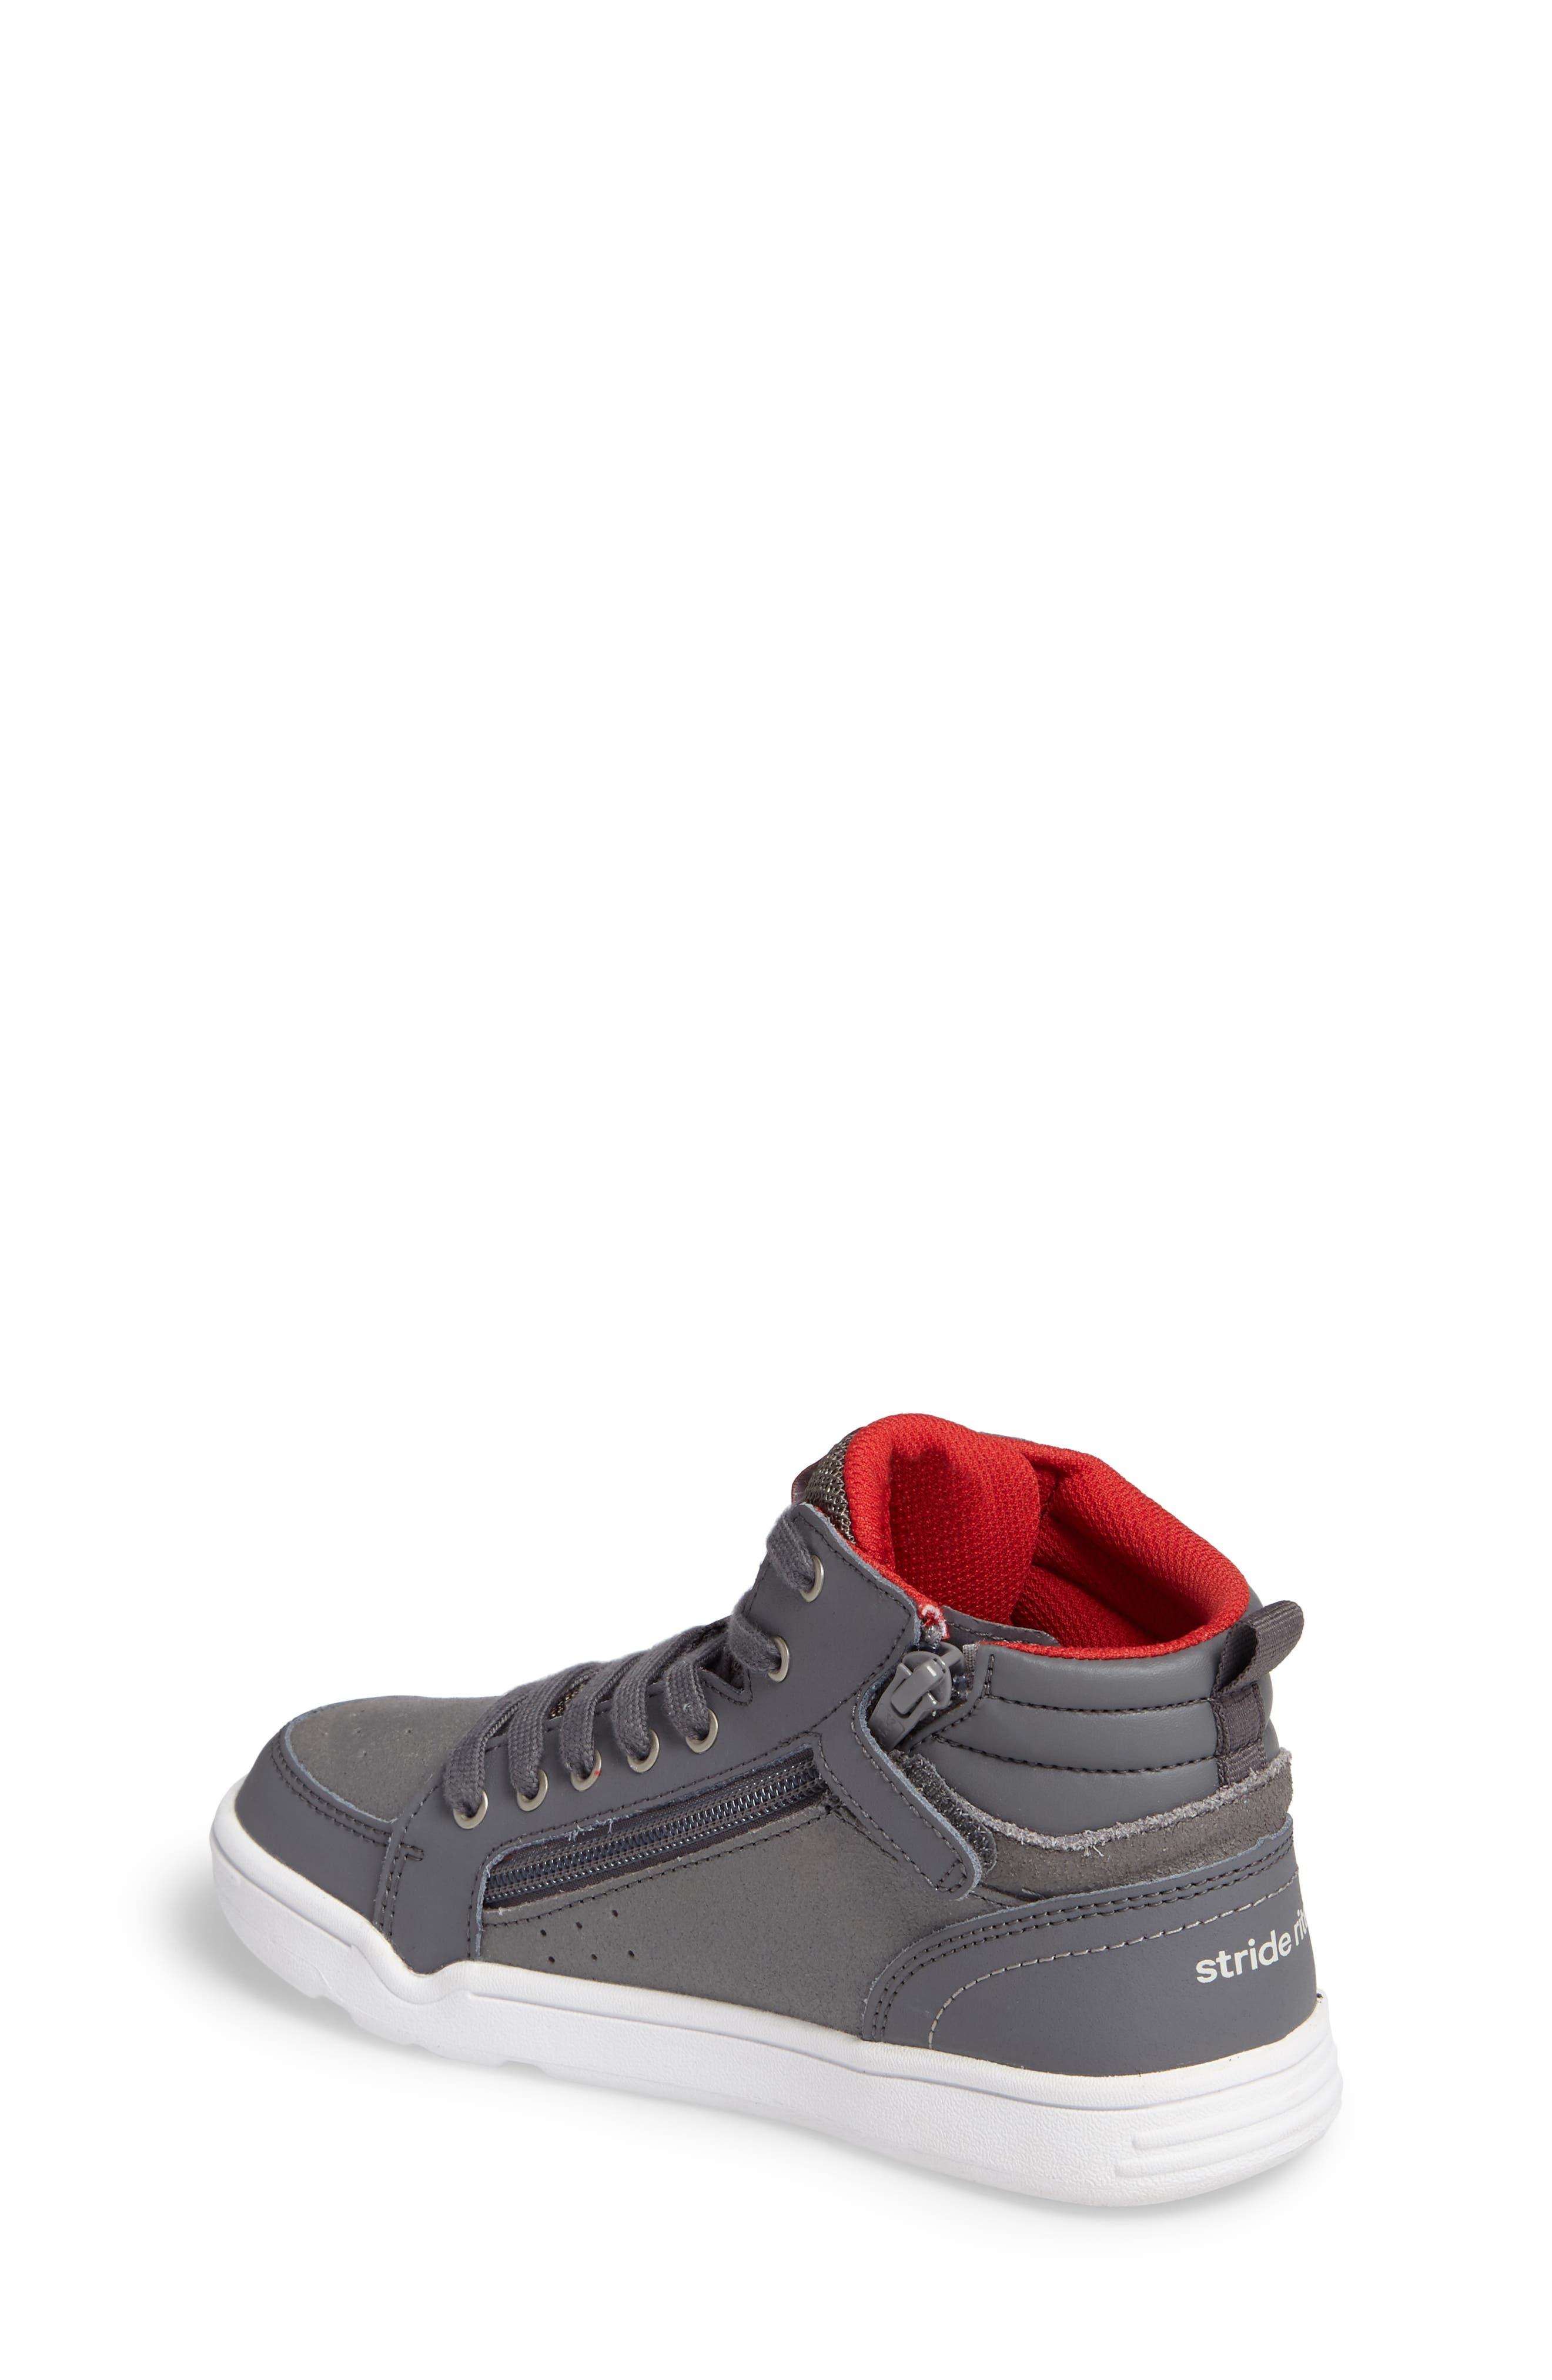 Alternate Image 2  - Stride Rite Made 2 Play® Kaleb Sneaker (Toddler & Little Kid)